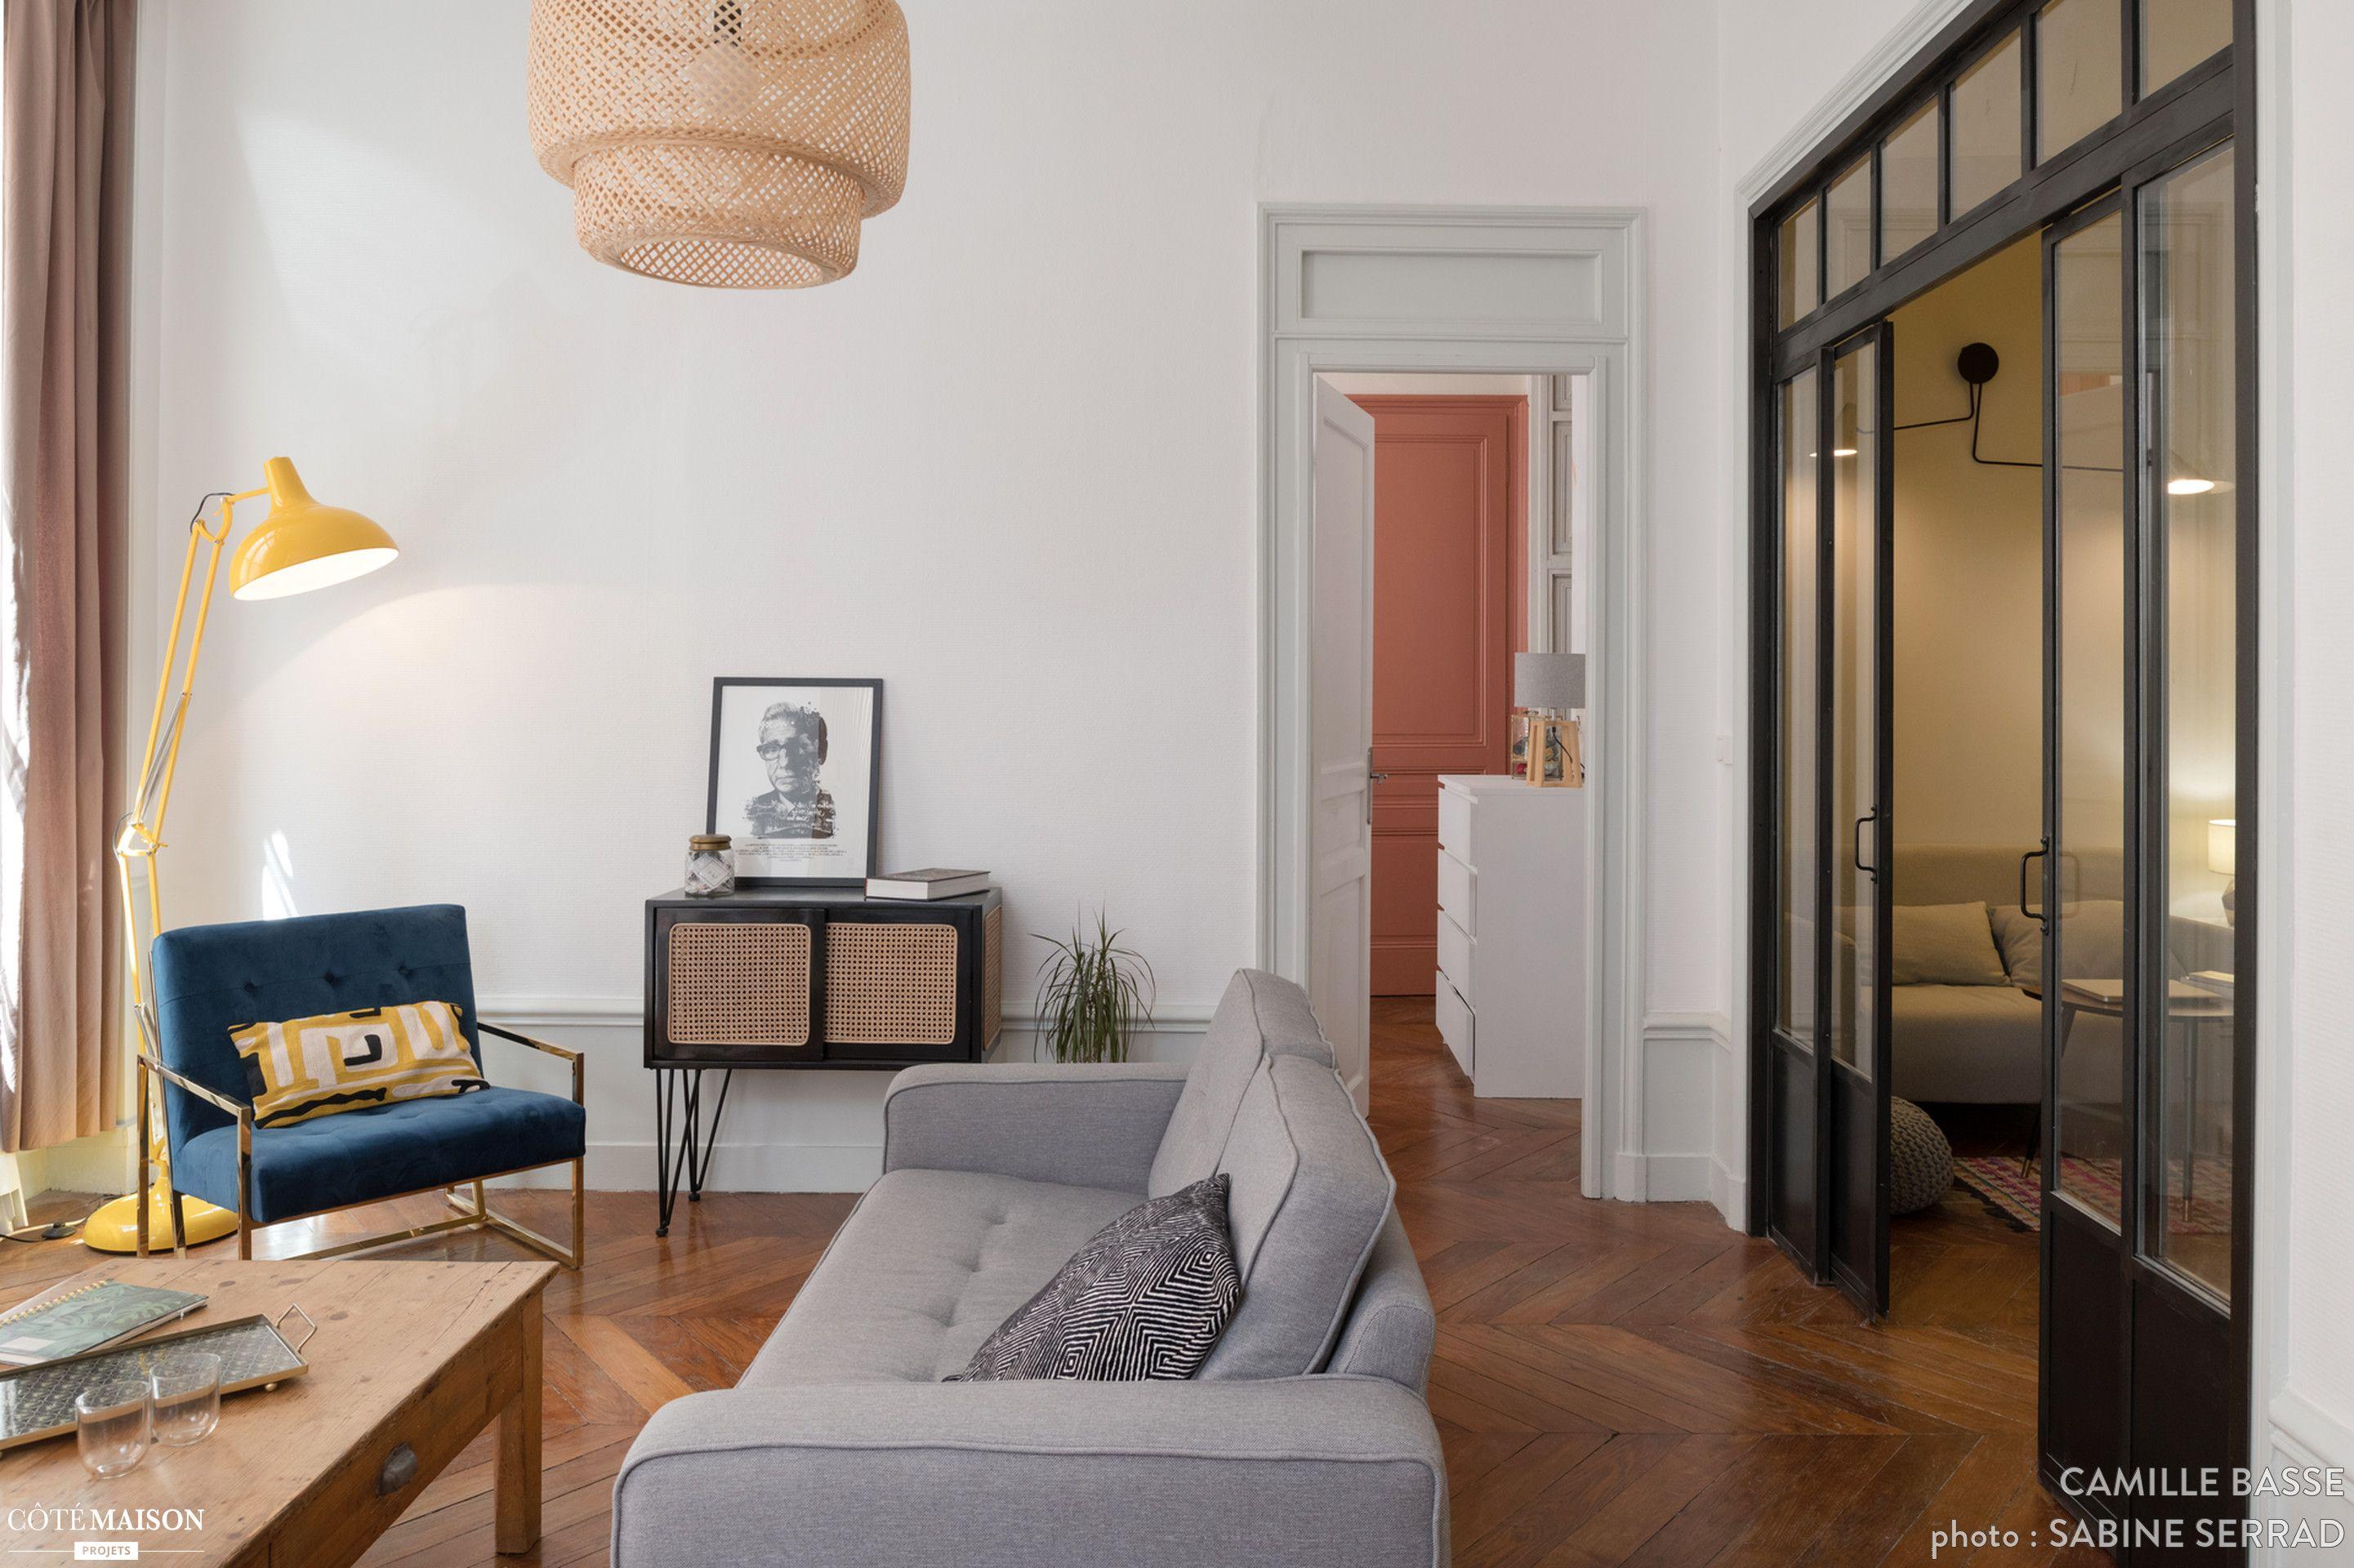 Mix Match De Styles Dans Le Salon De Cet Appartement Interieur Maison Decoration Maison Deco Maison